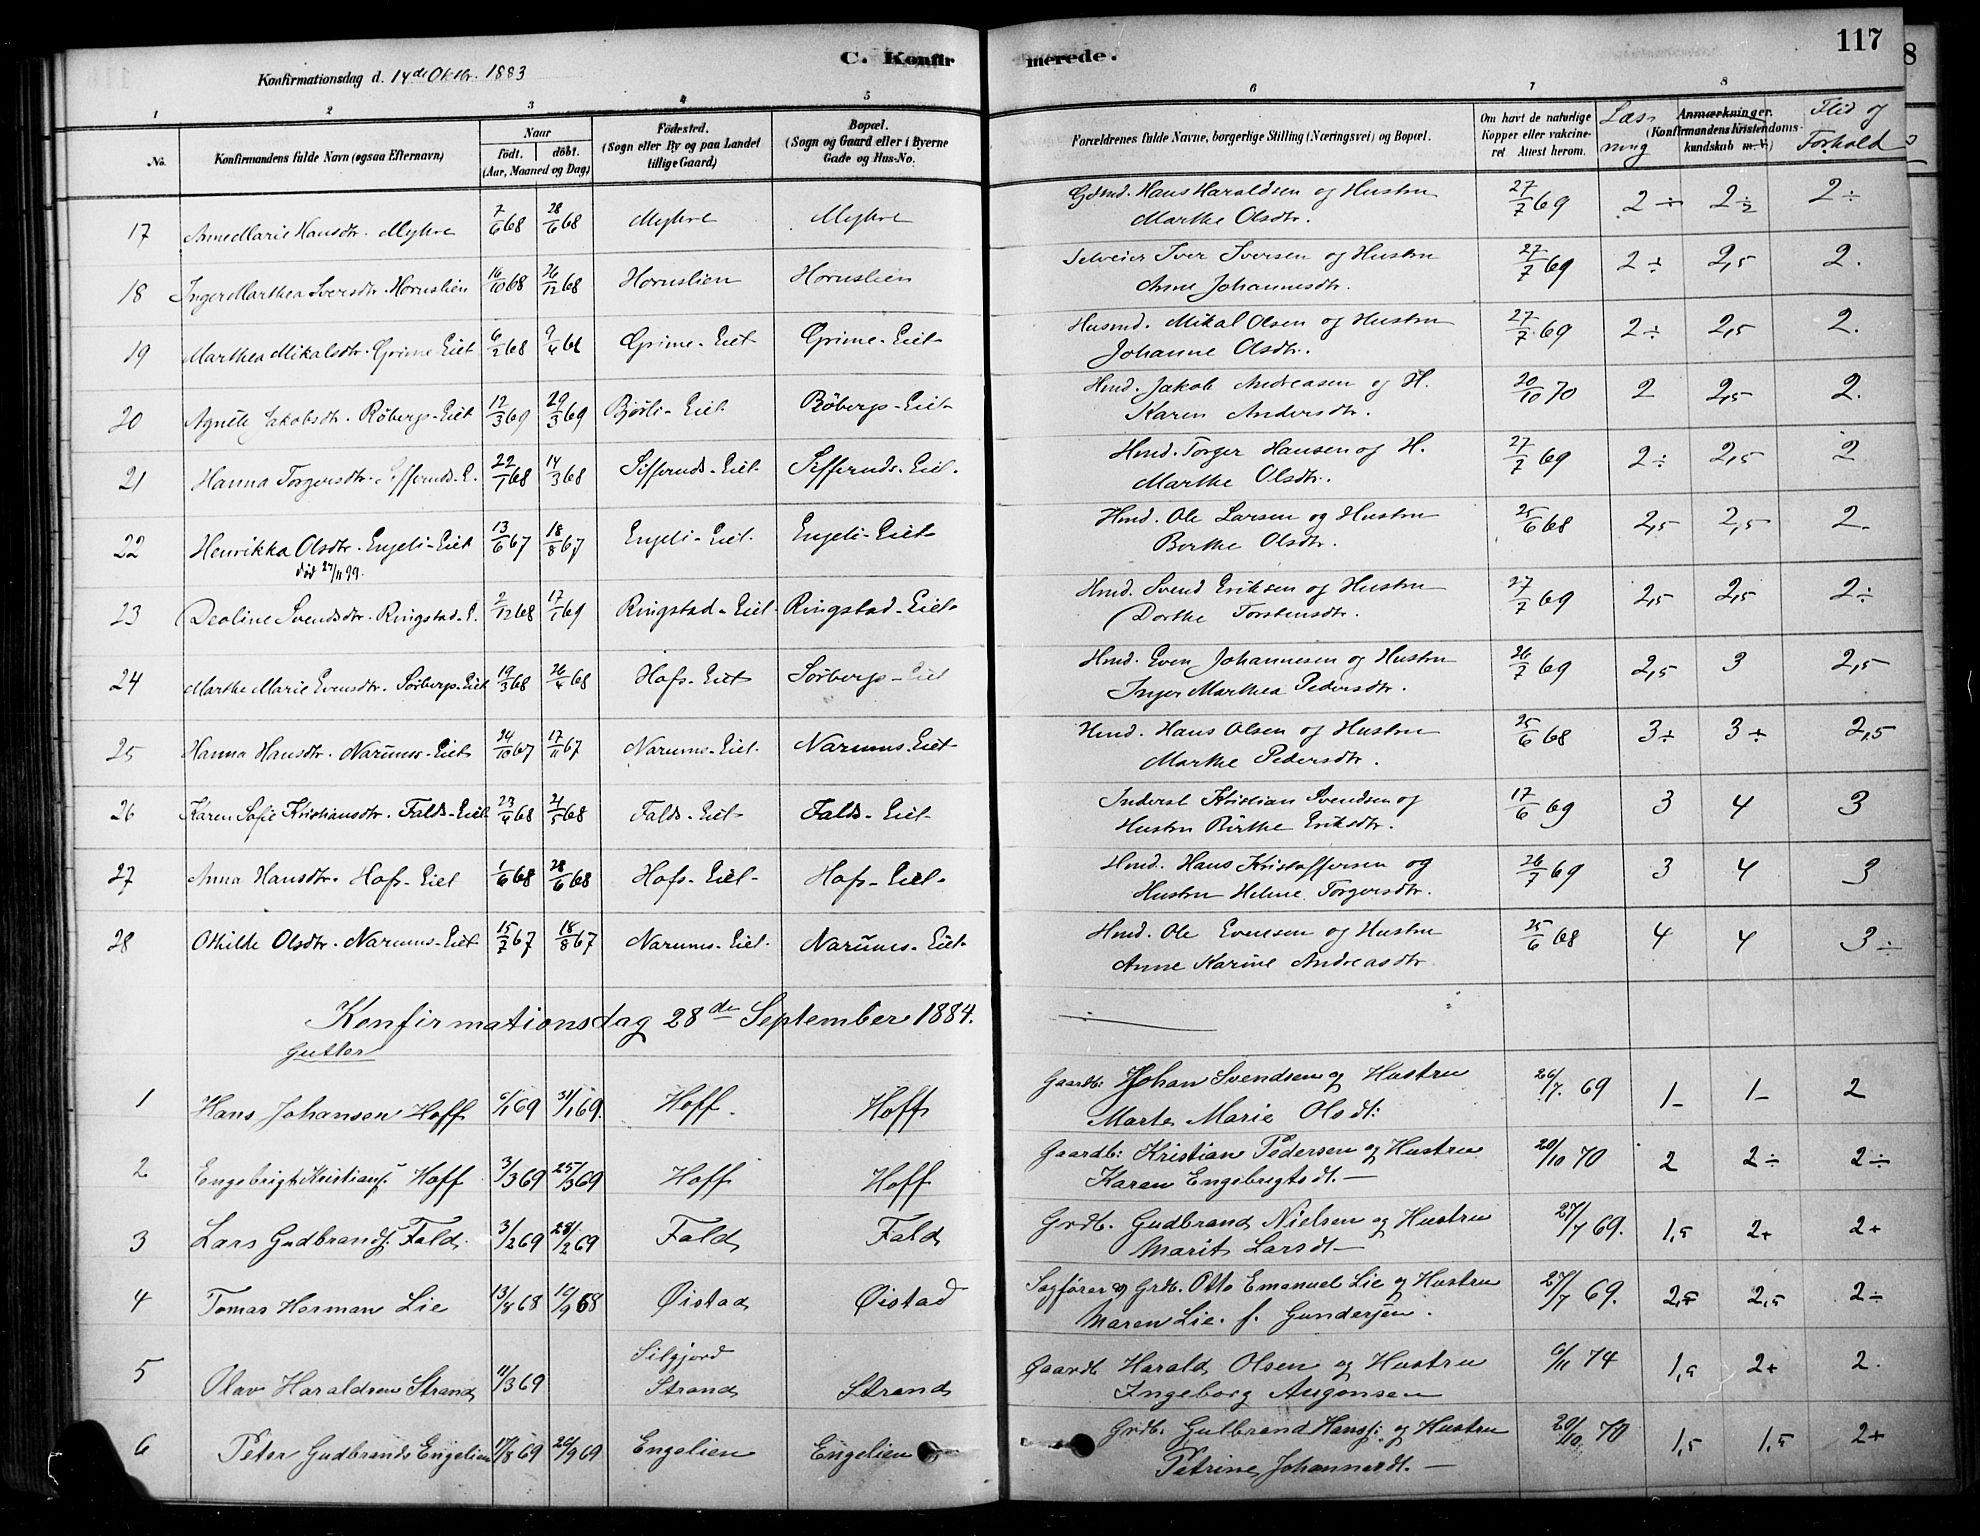 SAH, Søndre Land prestekontor, K/L0003: Ministerialbok nr. 3, 1878-1894, s. 117